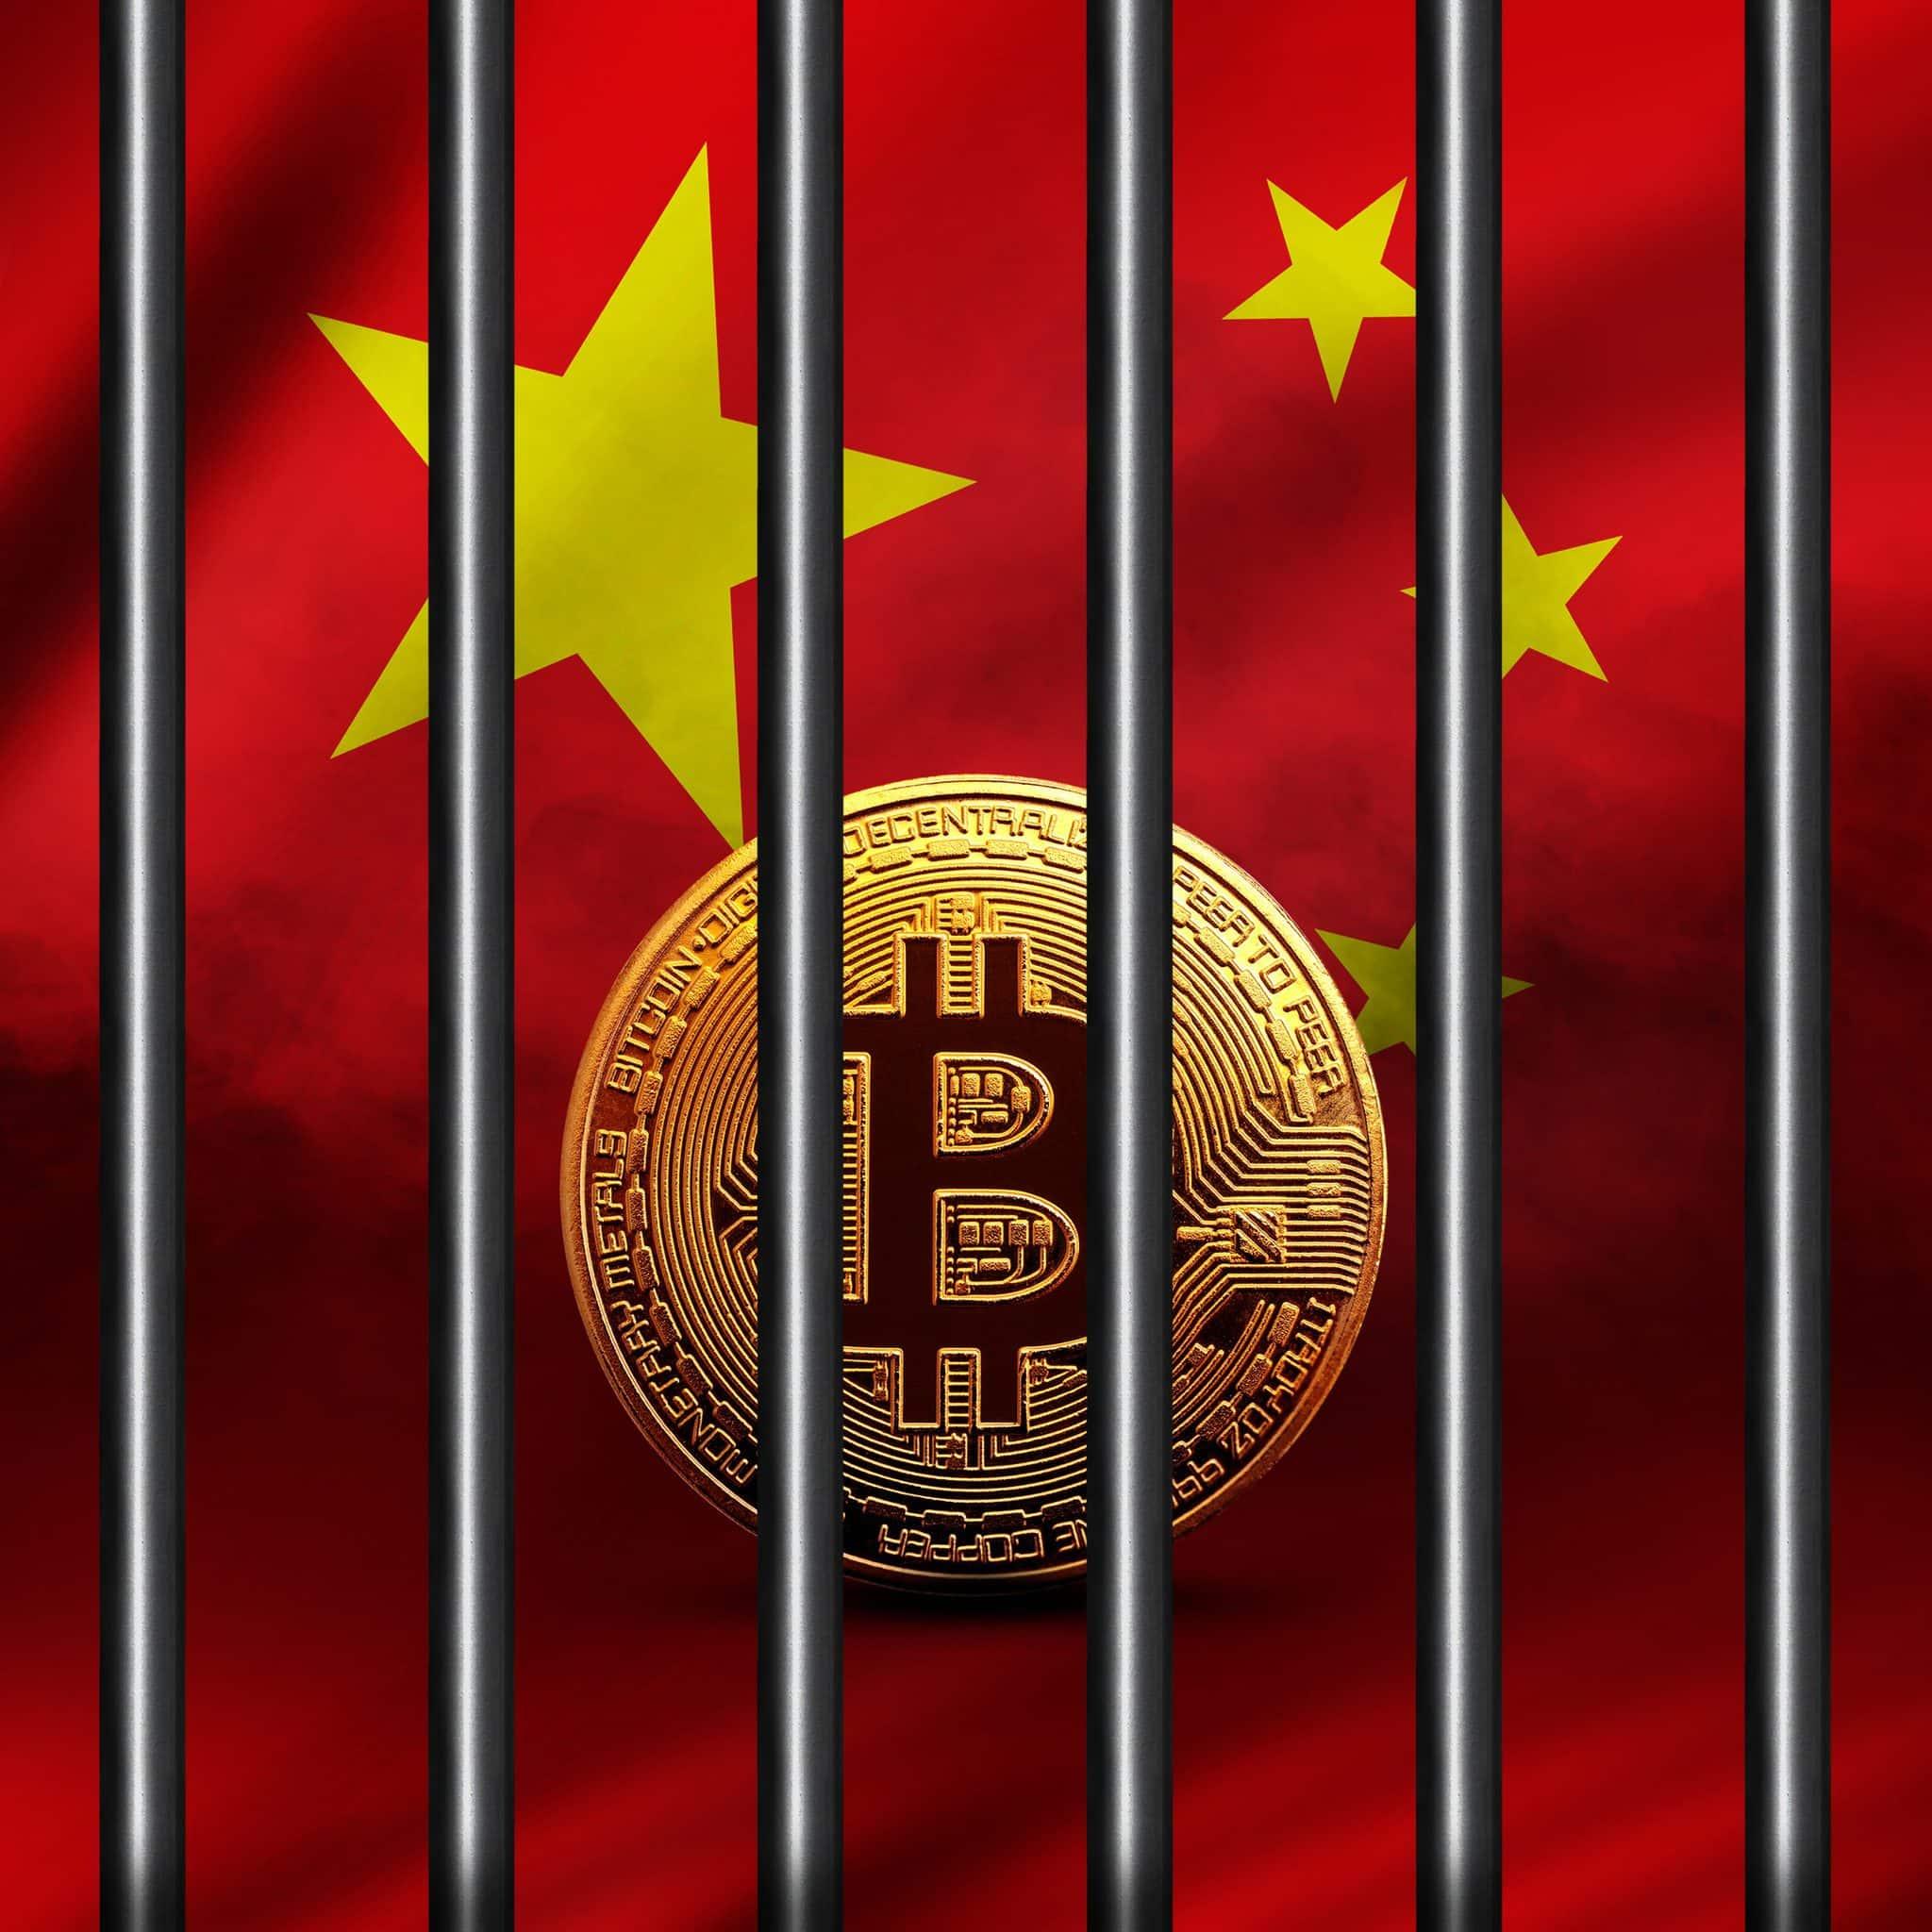 Nach China FUD: Bitcoin-Kurs stieg durchschnittlich um 53 Prozent